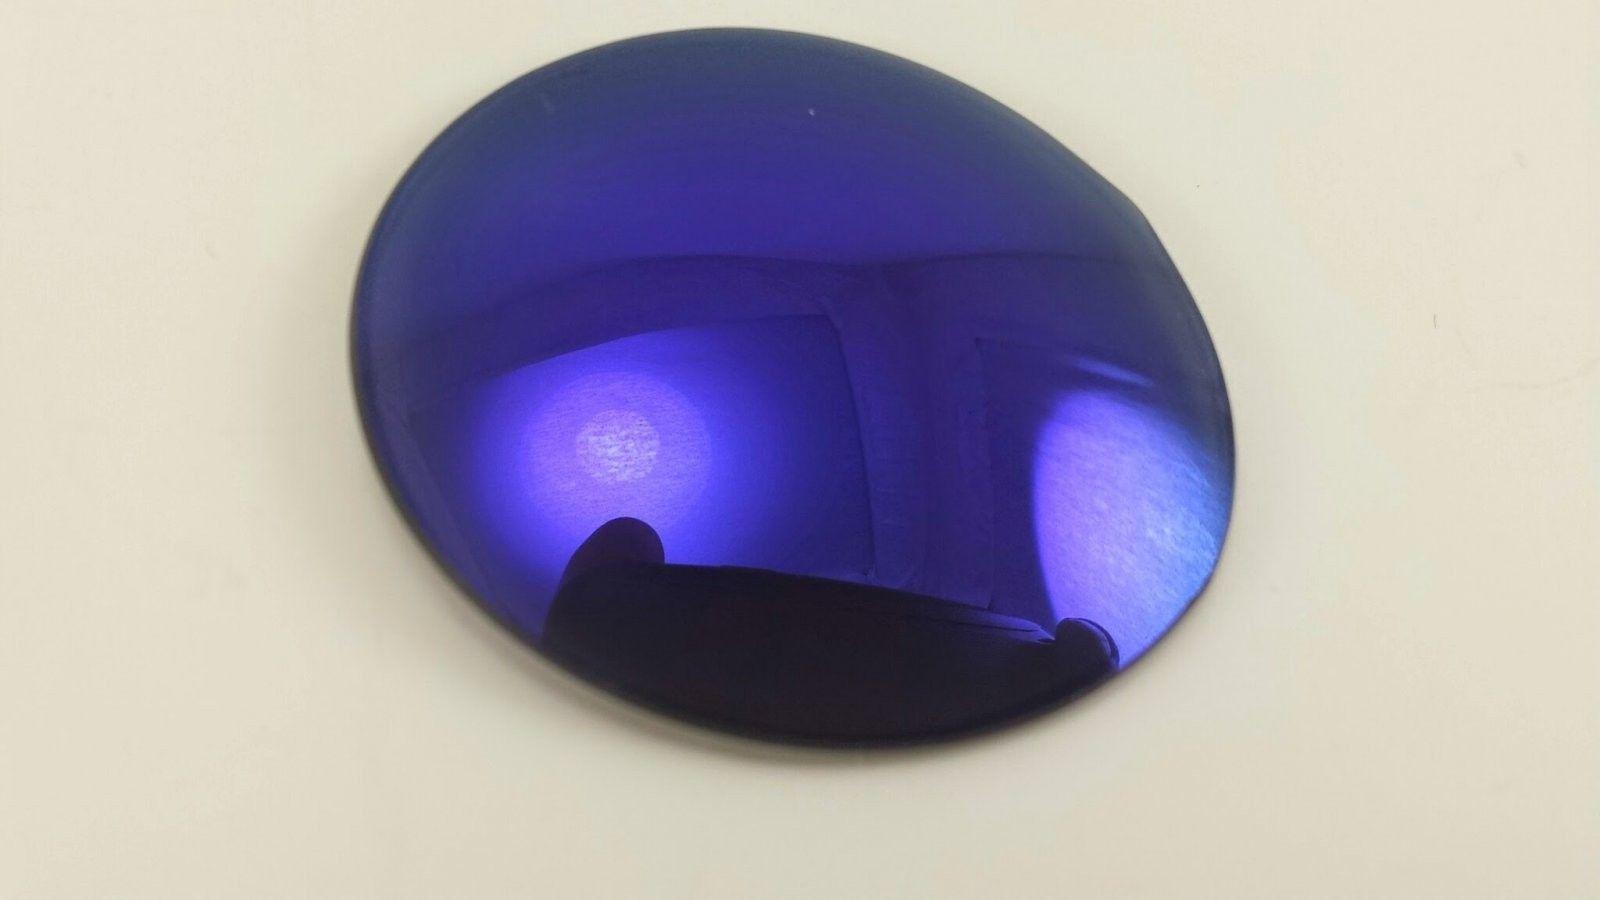 Mars Violet Non-polar Lenses - 20140622_115342.jpg